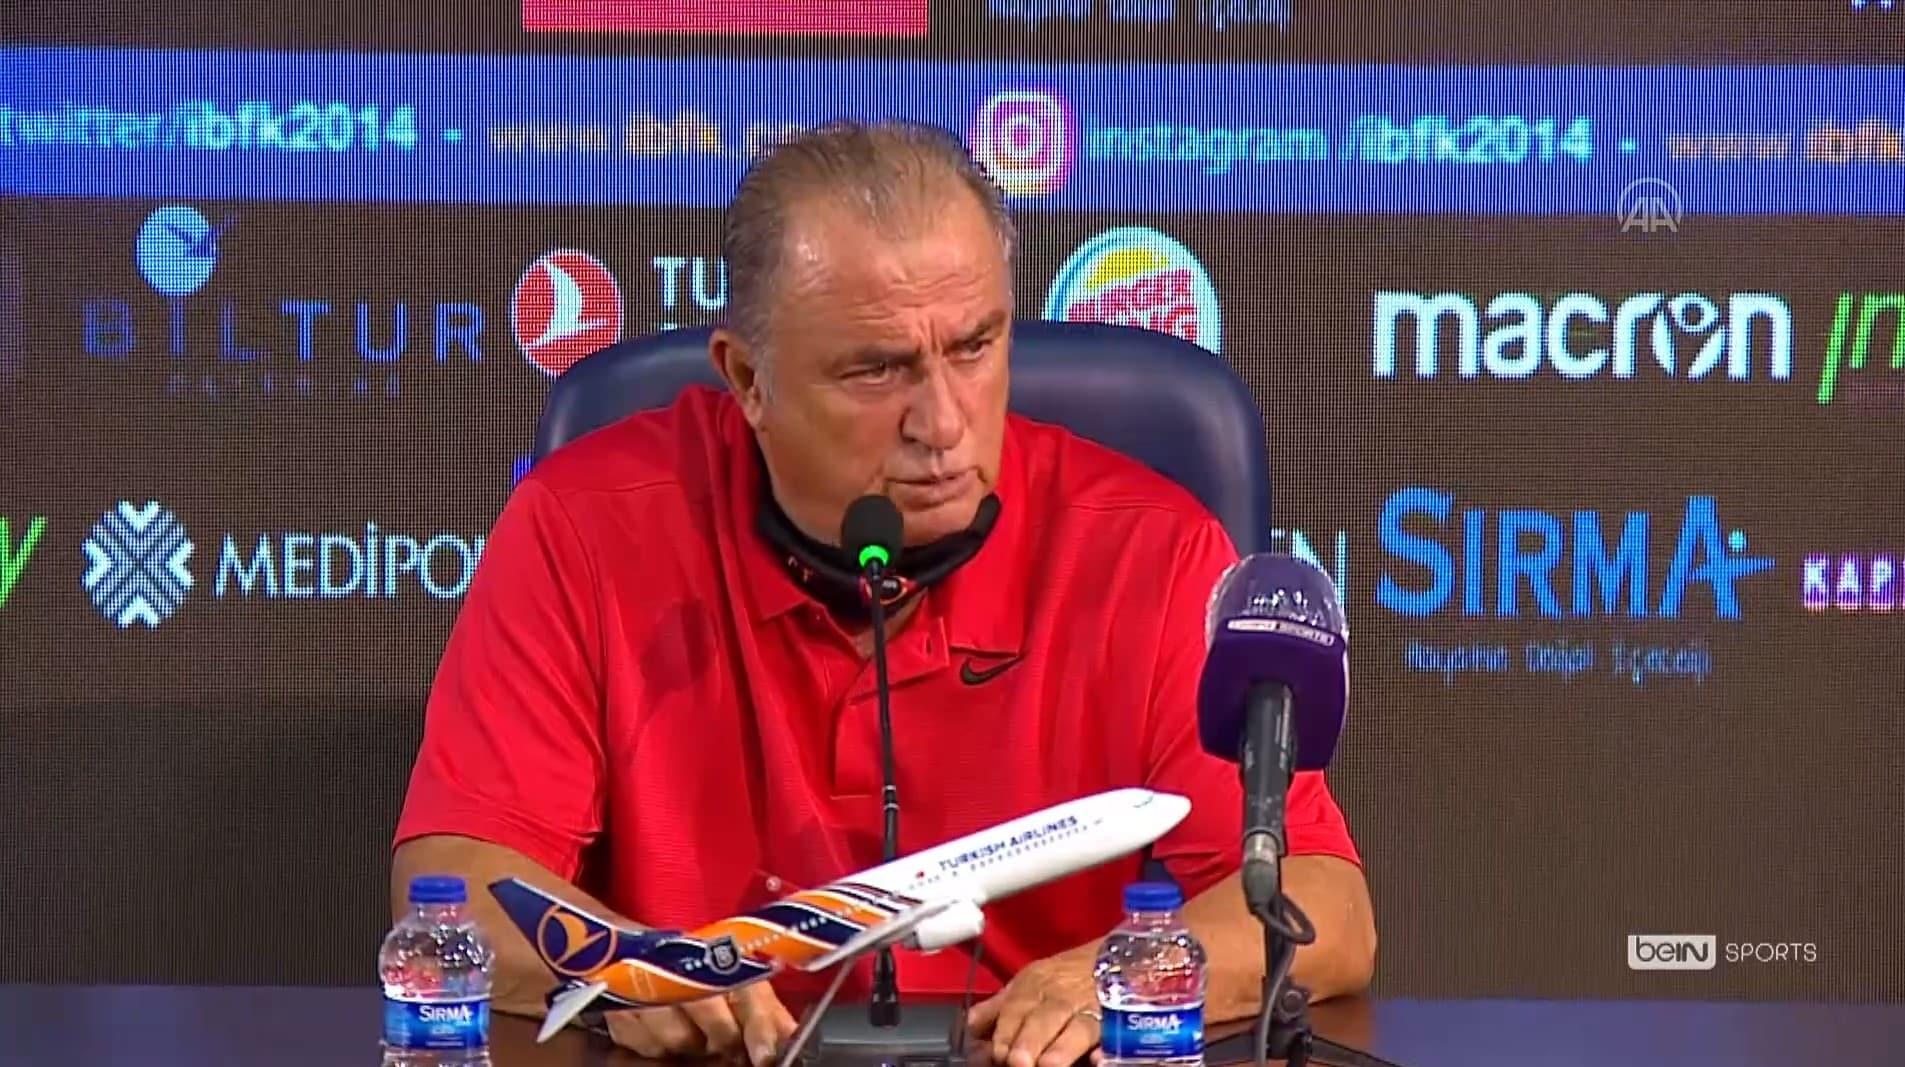 'Son 5 maçı en iyi şekilde bitirmeye çalışacağız'